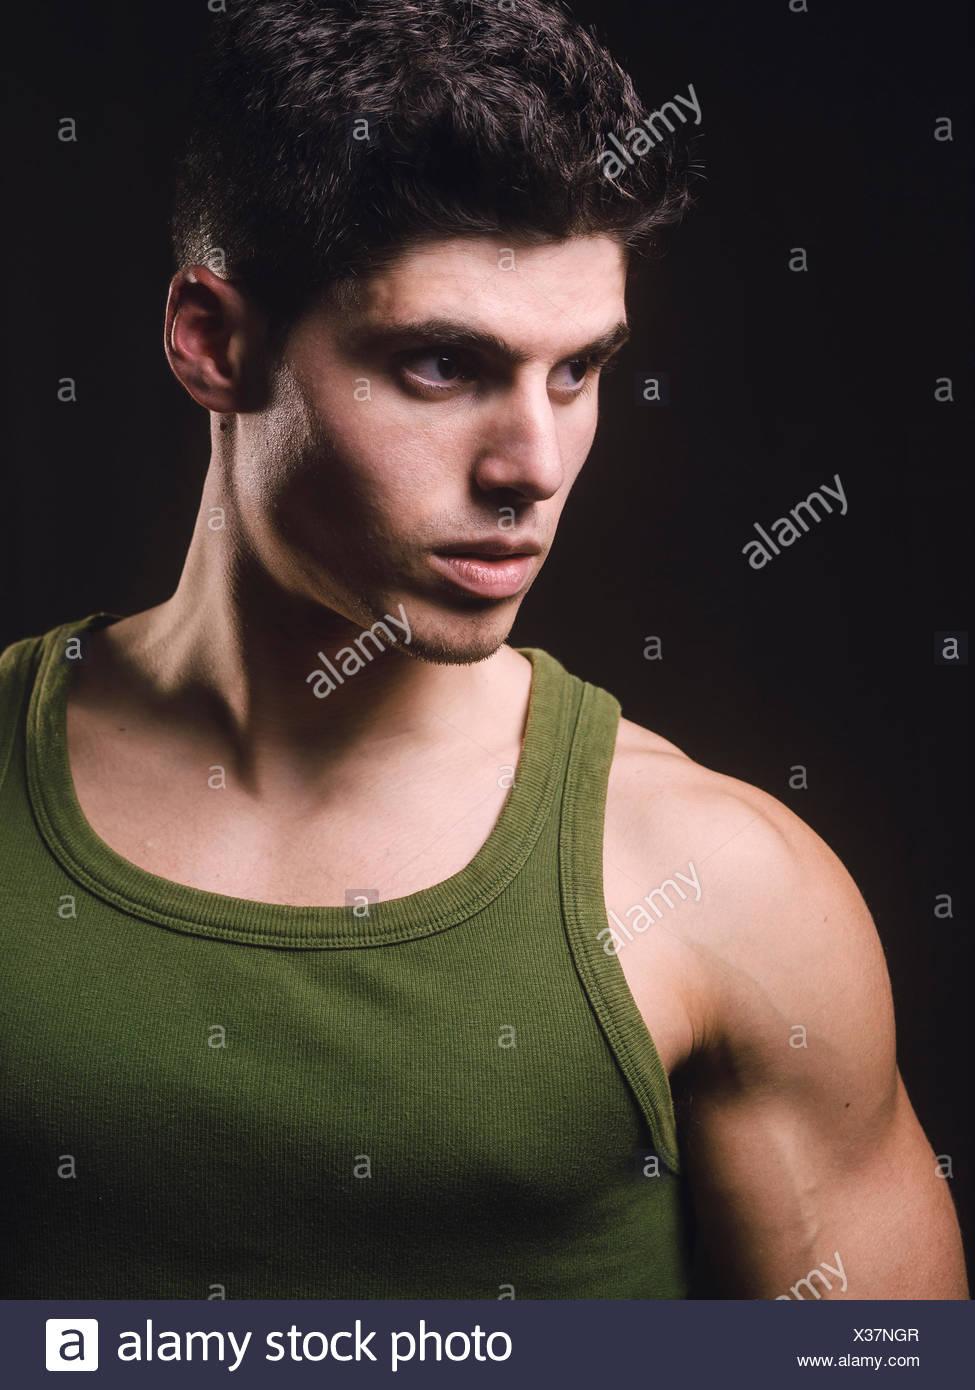 Ritratto di uomo muscolare di fronte a sfondo nero Immagini Stock